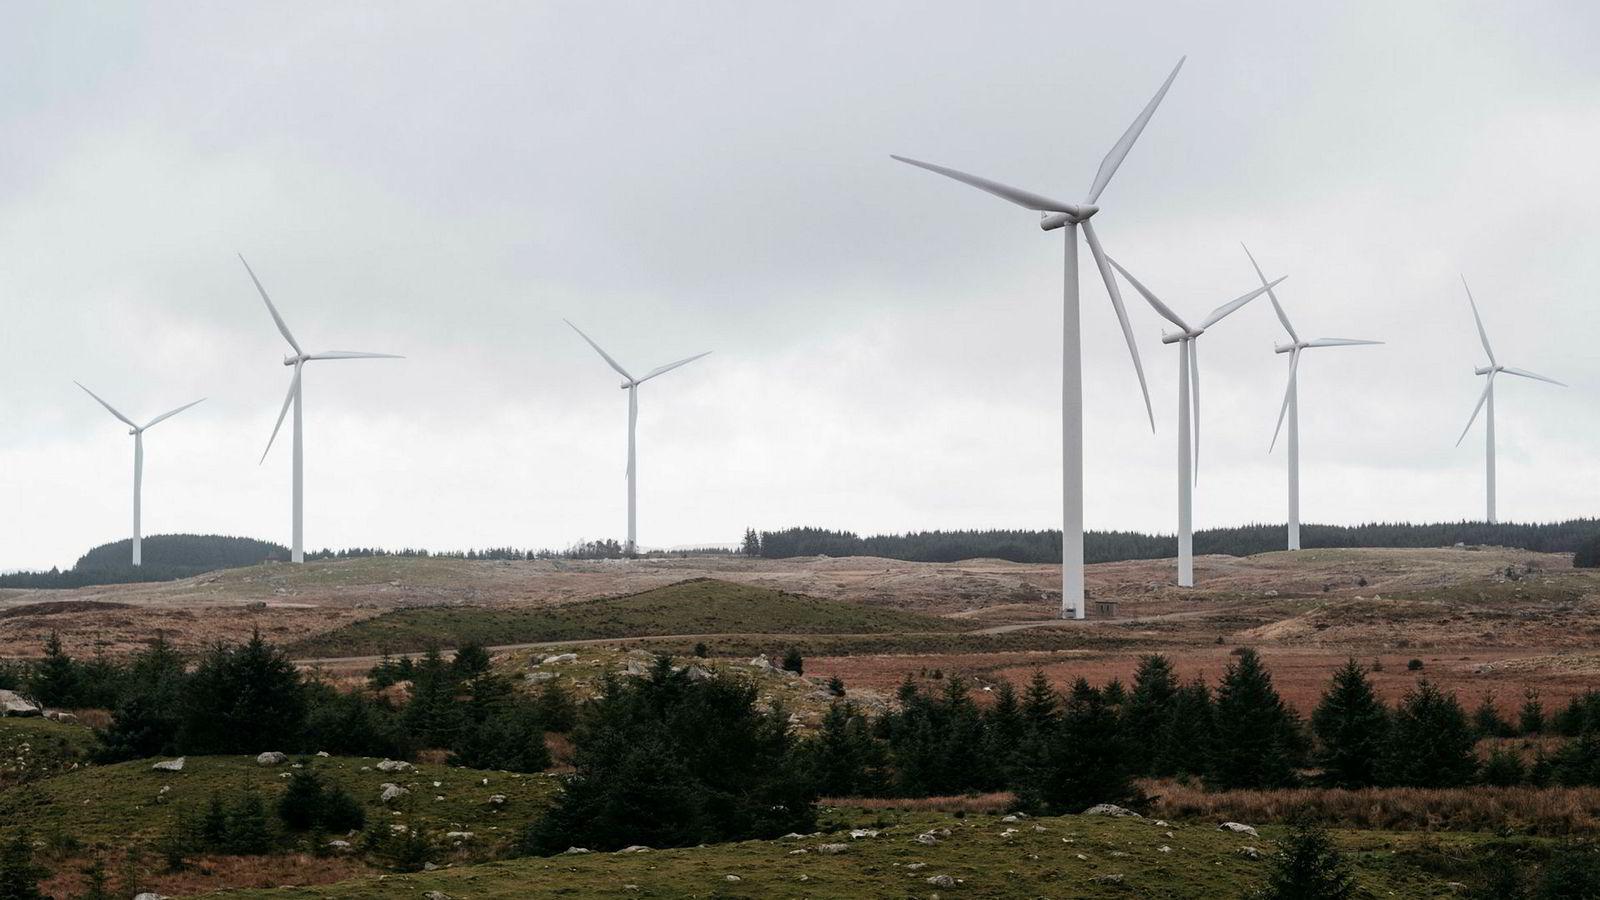 Norsk vindkraft bidrar også til å kutte utslipp av klimagasser, men sammenhengen er ikke rett frem, skriver artikkelforfatteren. Her fra Høg-Jæren energipark.